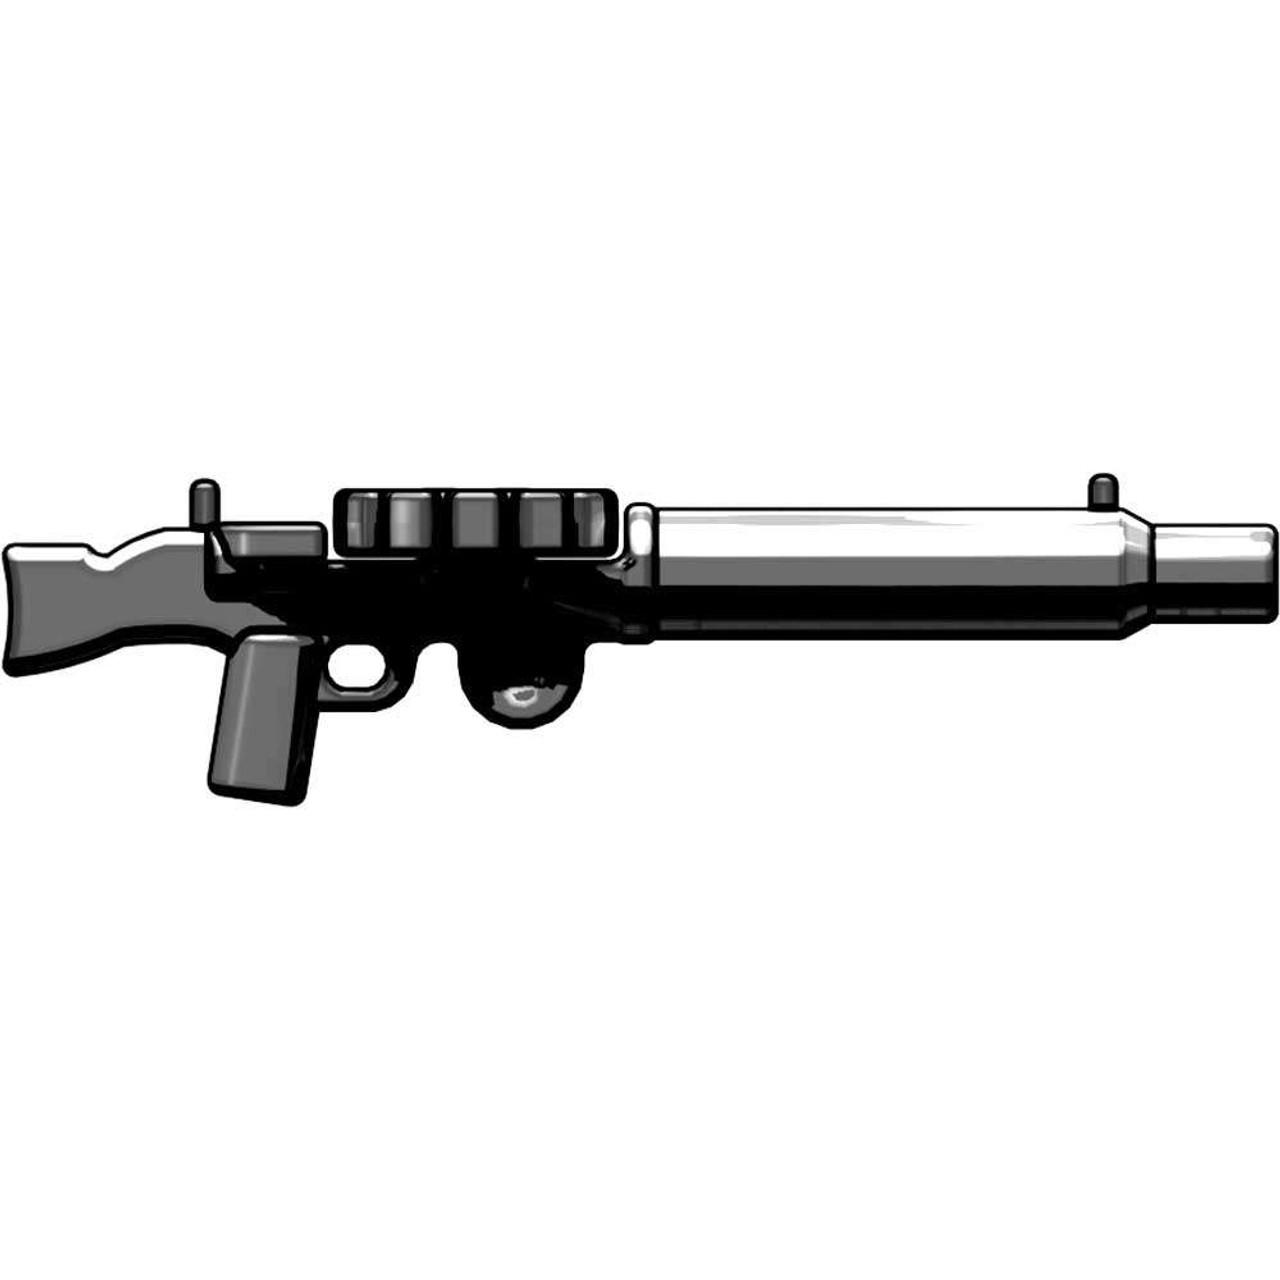 BrickArms Weapons Lewis Heavy Machine Gun 2.5-Inch [Gunmetal]